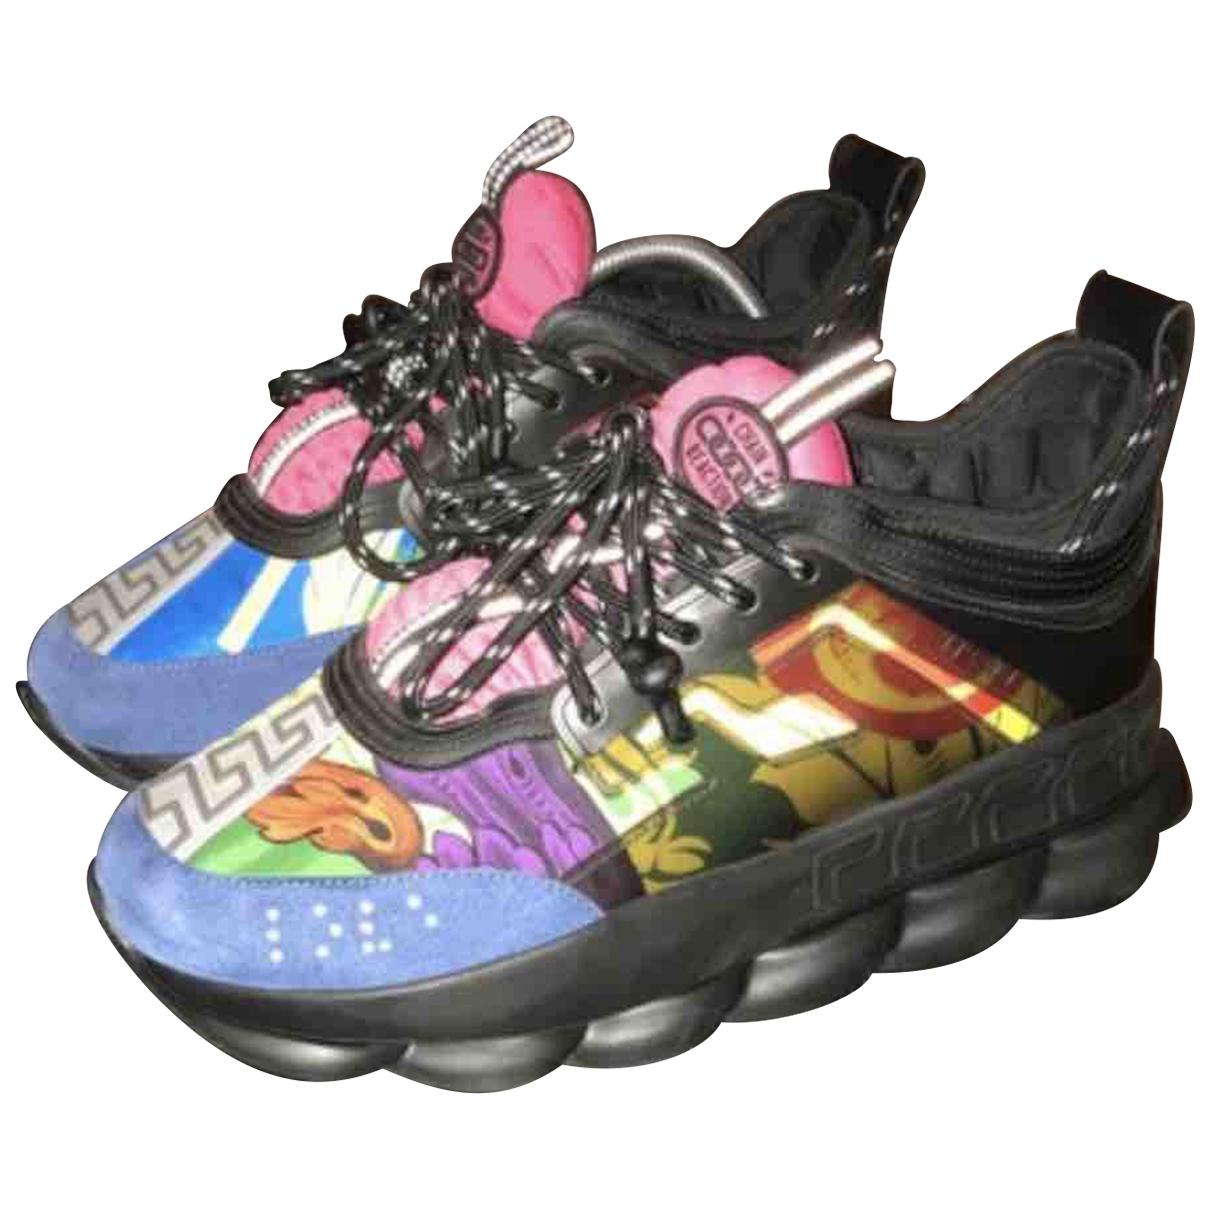 Versace - Baskets Chain Reaction pour homme - multicolore